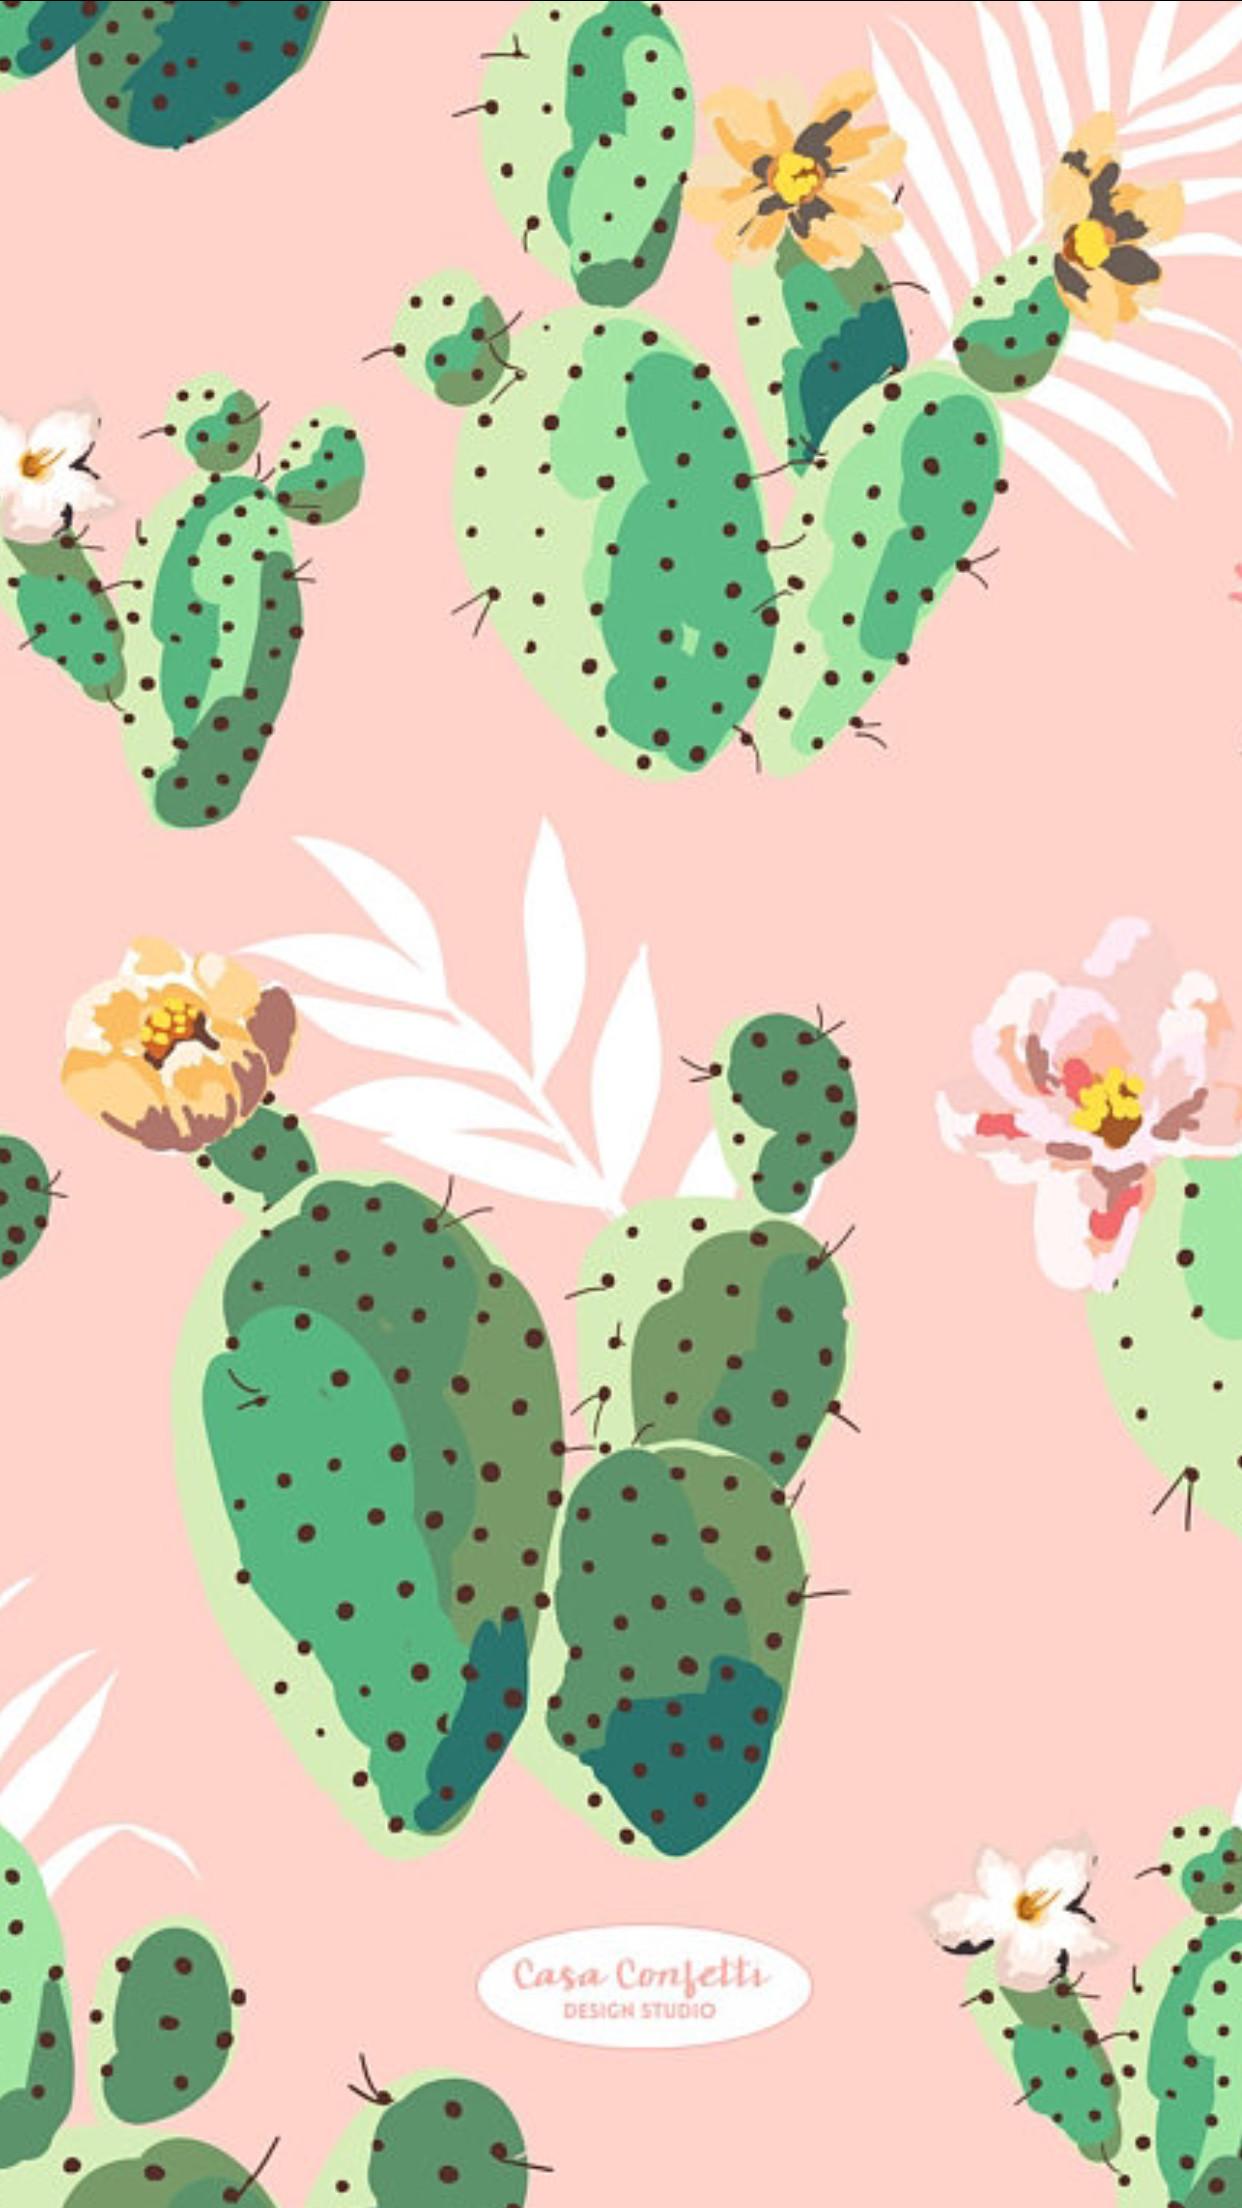 Res: 1242x2208, Summer Wallpaper, Wallpaper S, Cellphone Wallpaper, Wallpaper Patterns,  Wallpaper Backgrounds, Iphone Wallpapers, Aesthetic Wallpapers, Cactus  Painting, ...